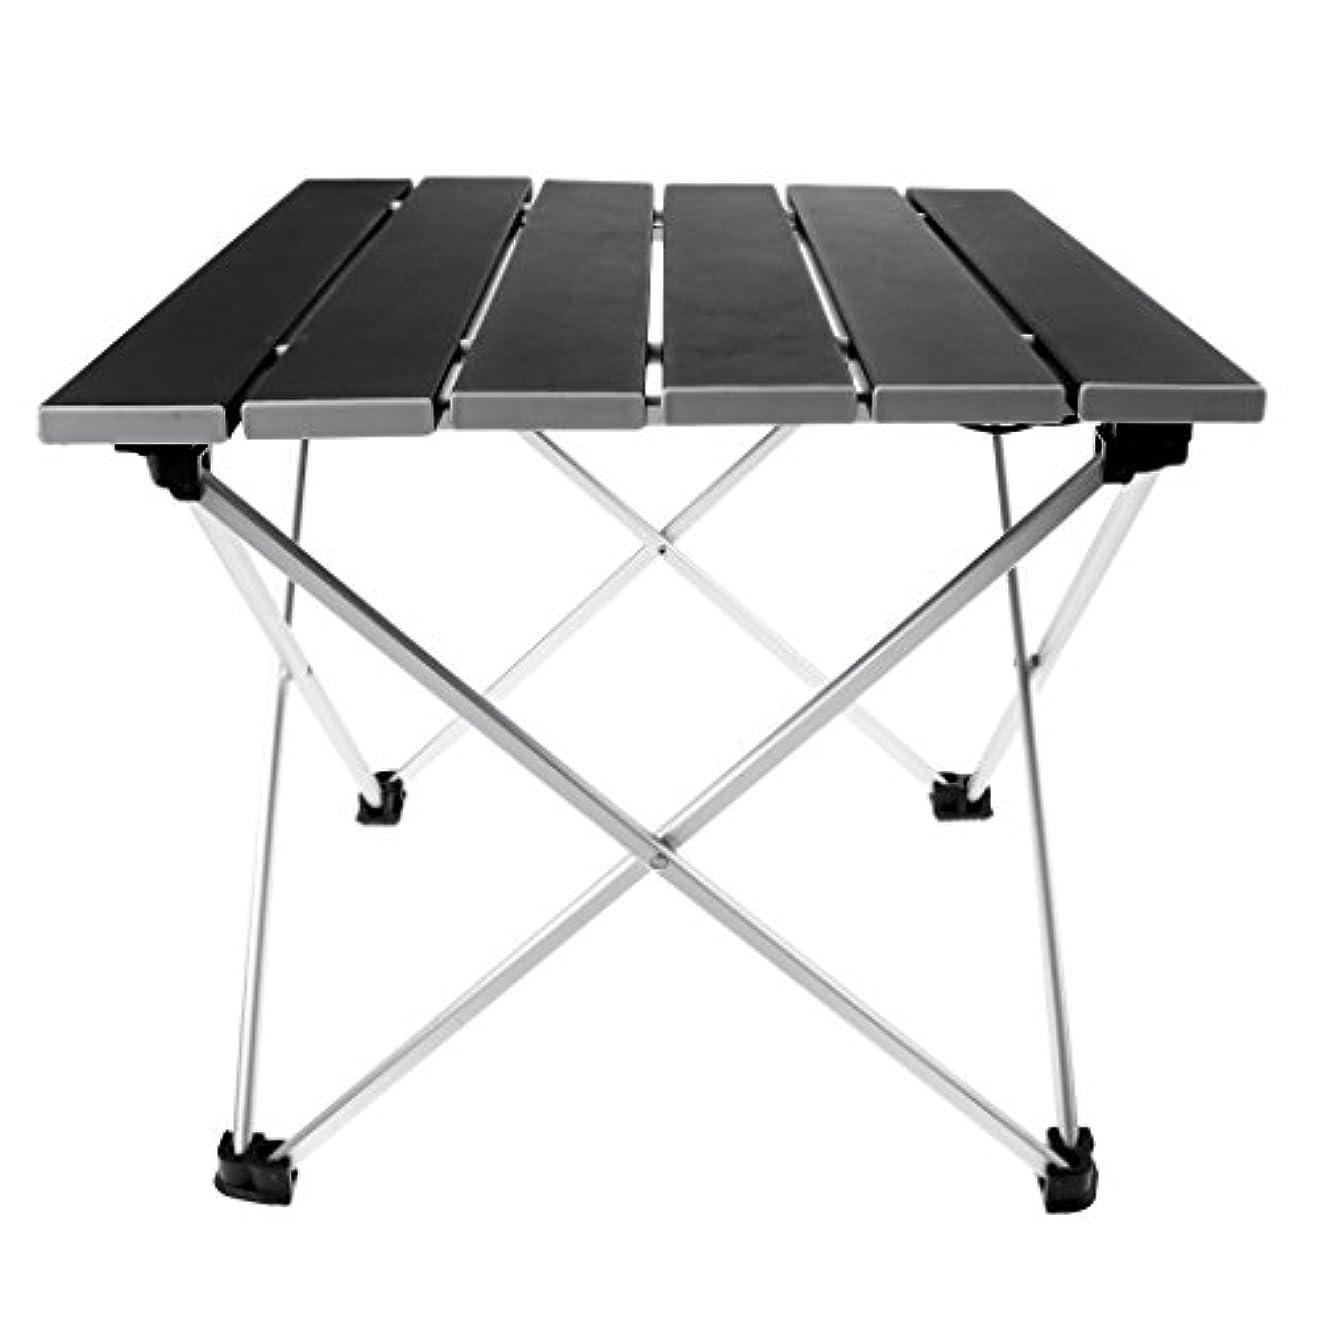 折配送北Baosity アルミ合金 ポータブル 折りたたみテーブル ピクニックデスク アウトドア用